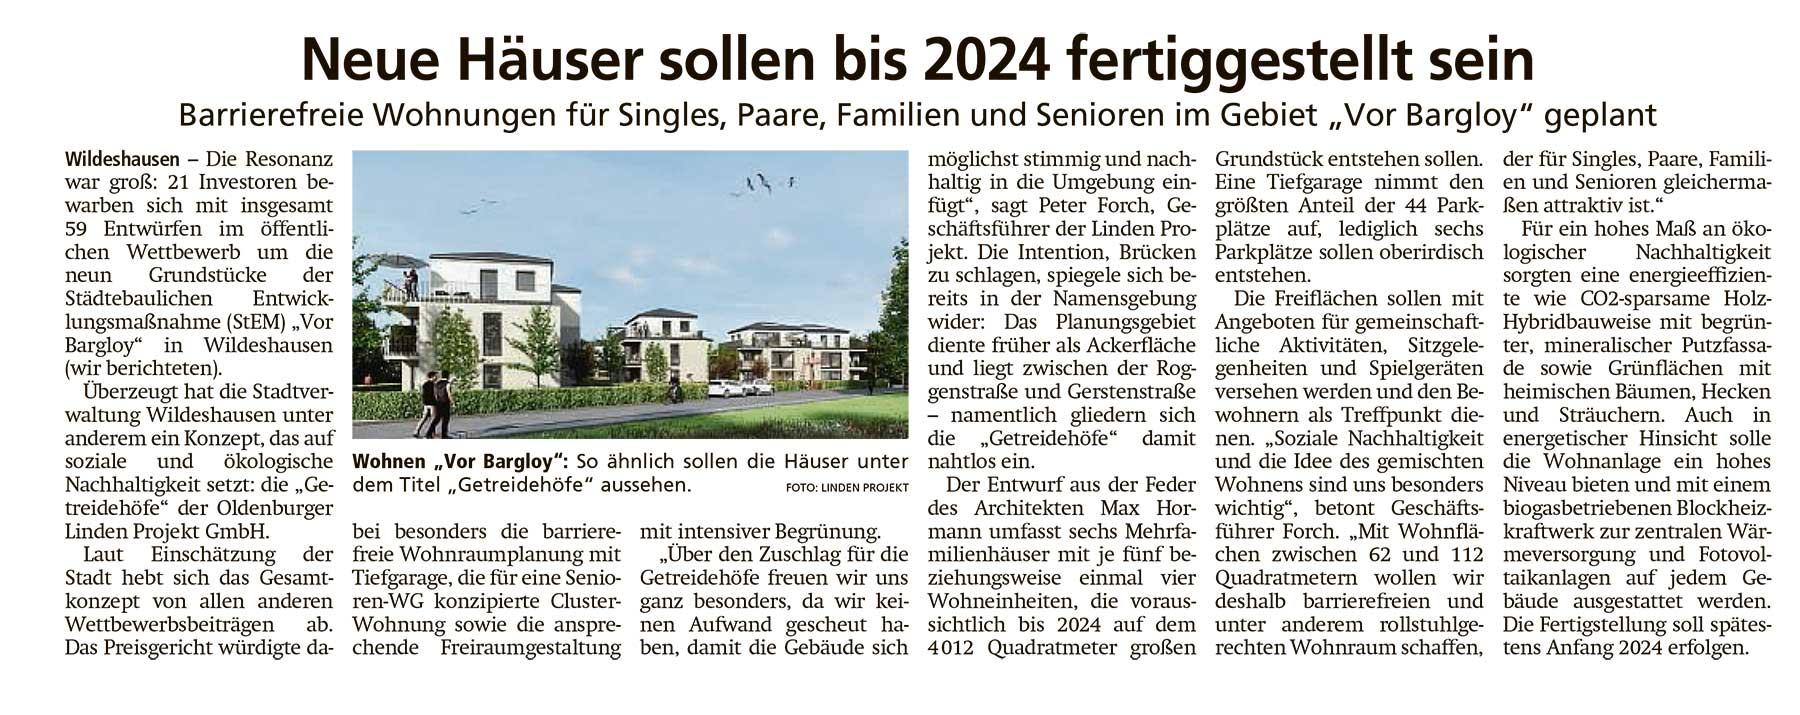 Neue Häuser sollen bis 2024 fertiggestellt werdenBarrierefreie Wohnungen für Singles, Paare, Familien und Senioren im Gebiet 'Vor Bargloy' geplantArtikel vom 19.07.2021 (WZ)